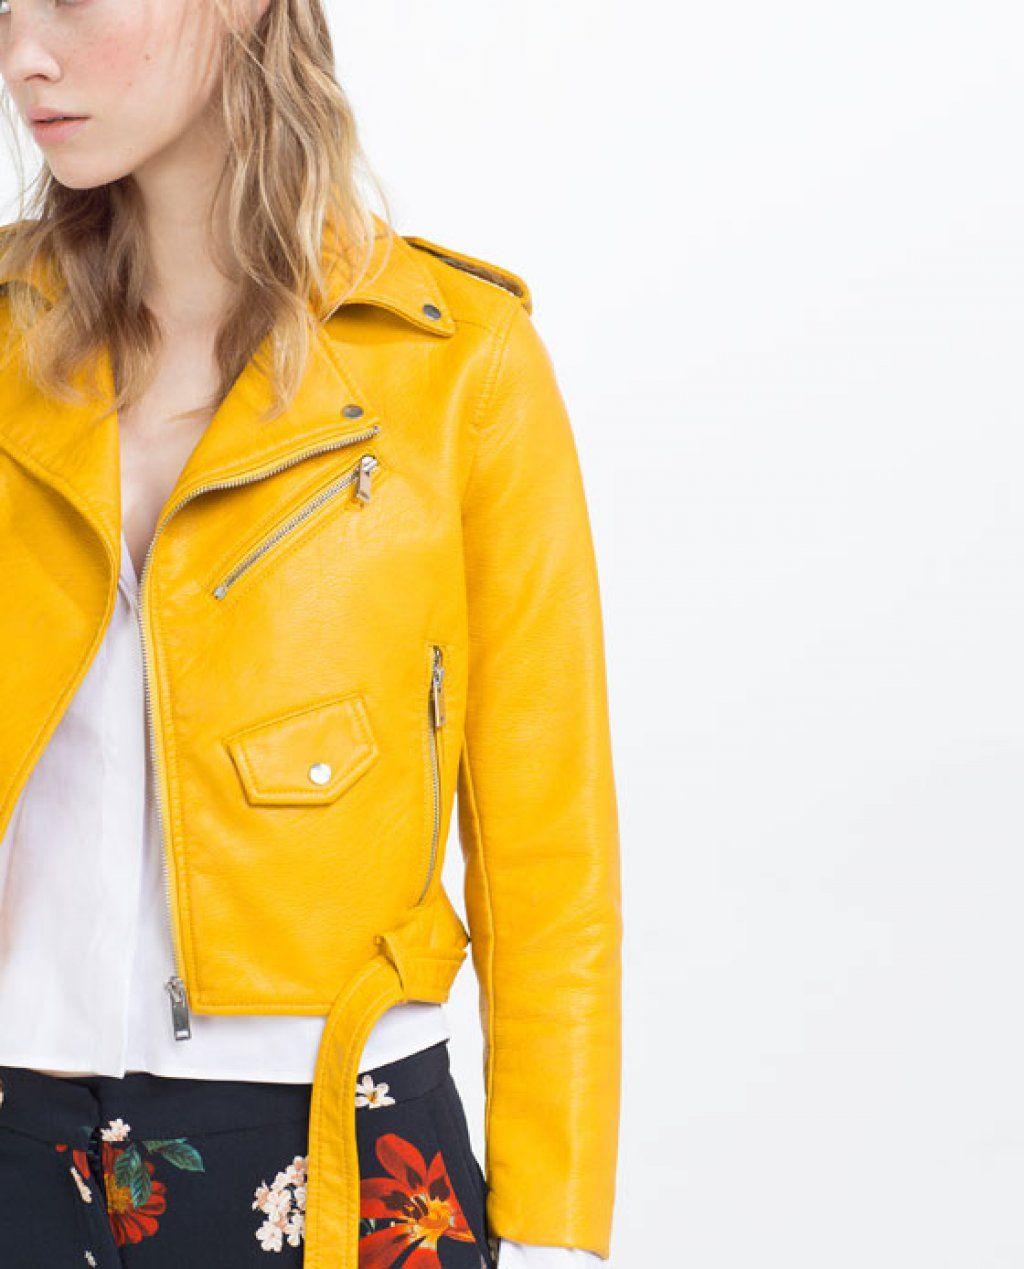 hot sale online d24a3 ea0f6 Perché il chiodo giallo di Zara è diventato virale? | Moda ...